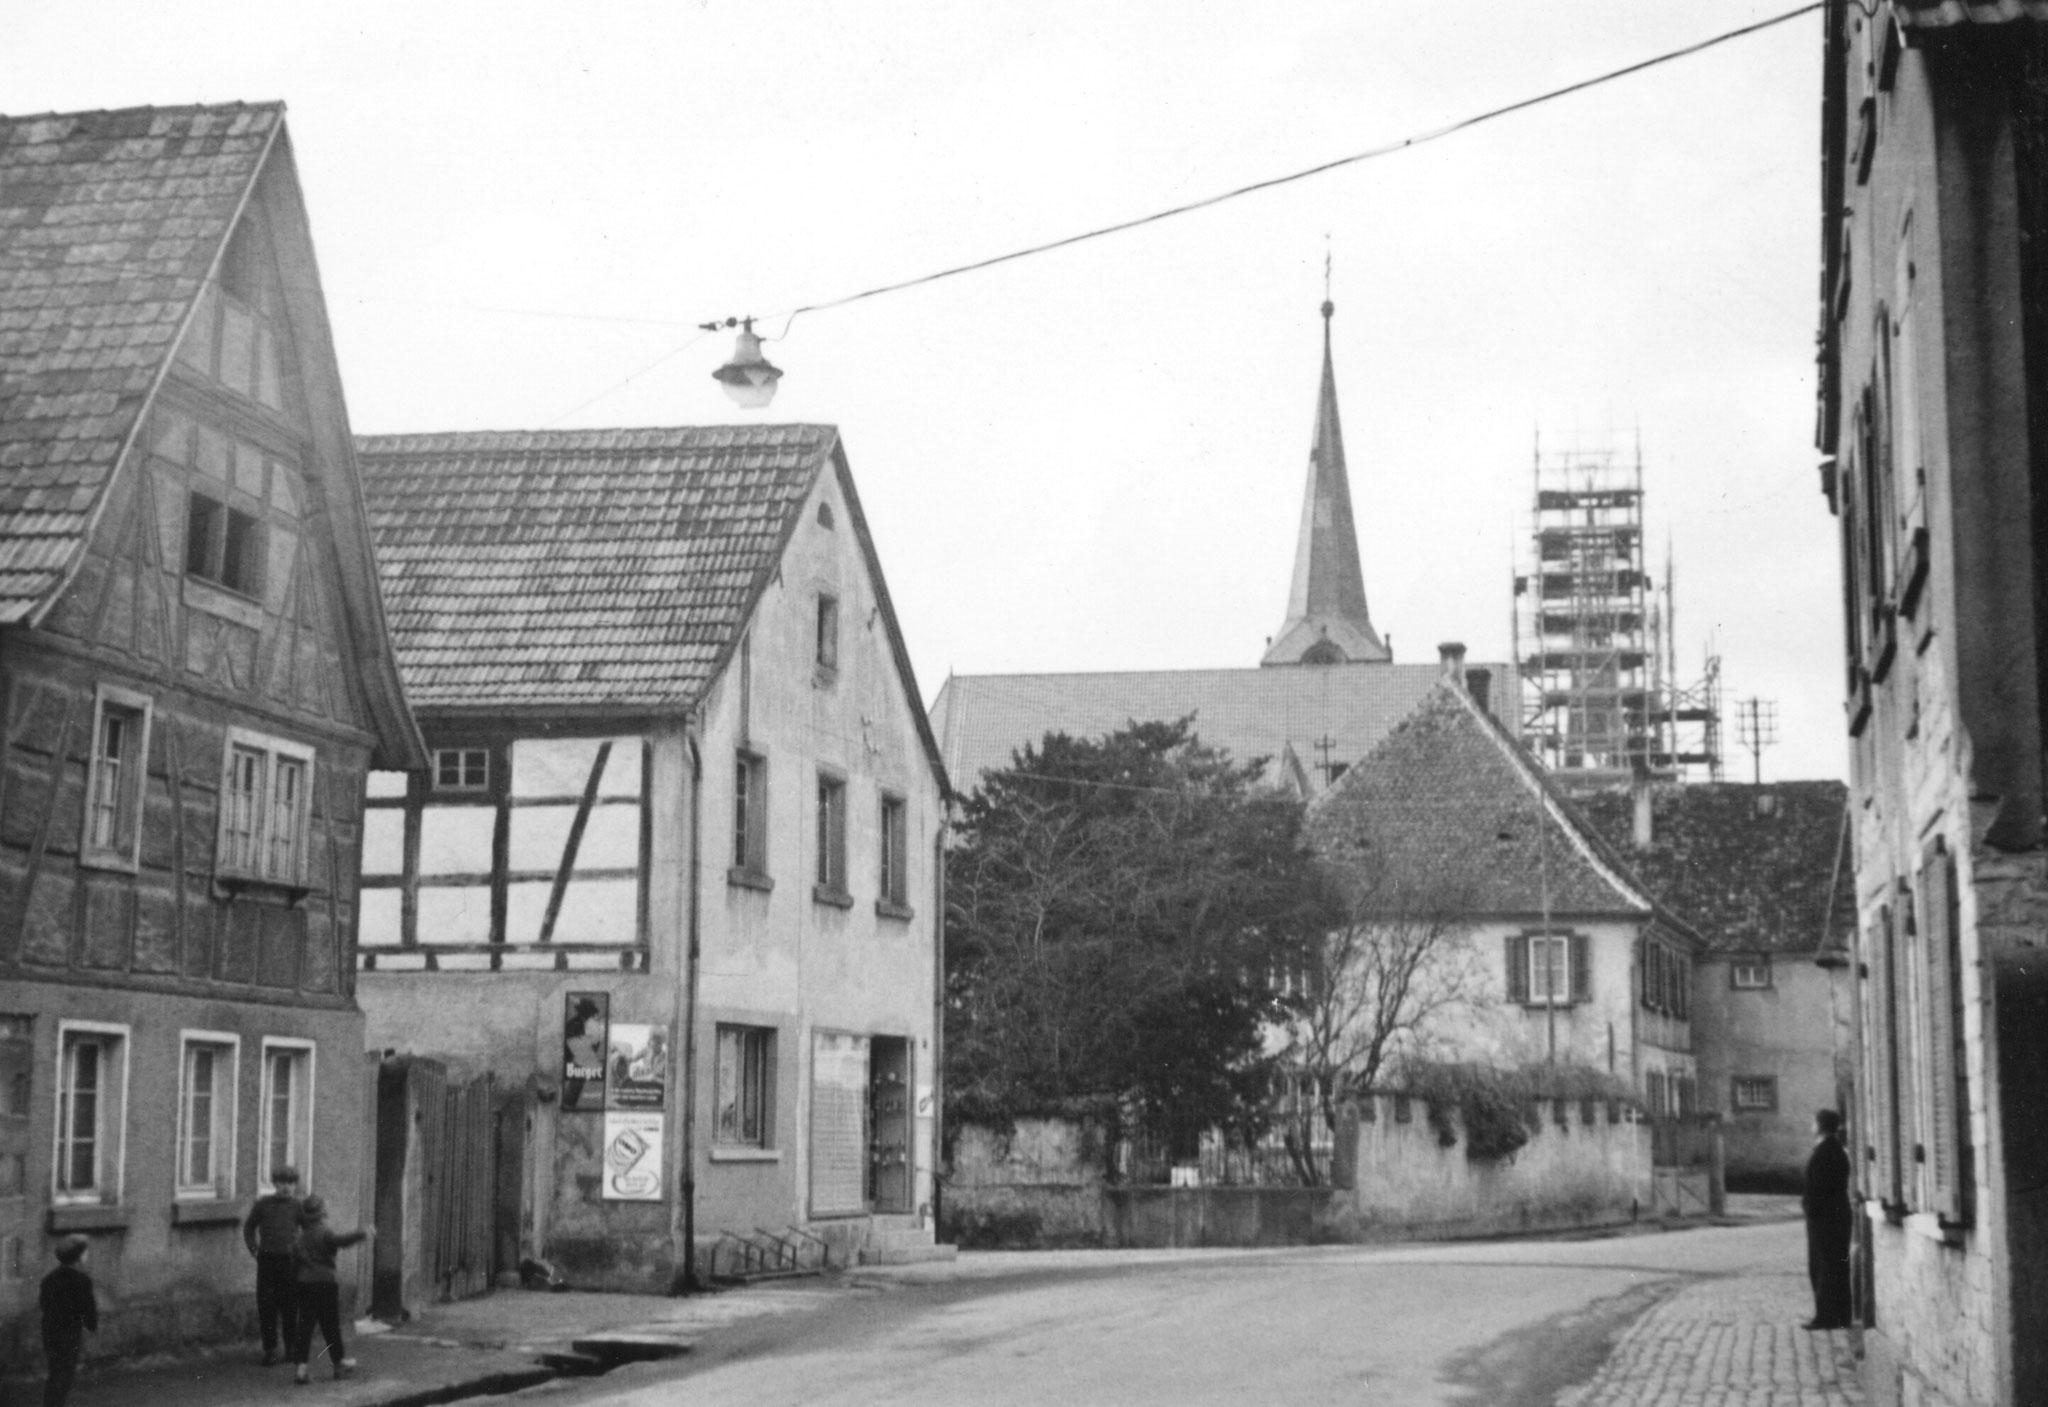 Hauptstraße vor 1972 (Geitherhaus, als Bürgermeisteramt genutzt, wurde 1972 abgerissen)